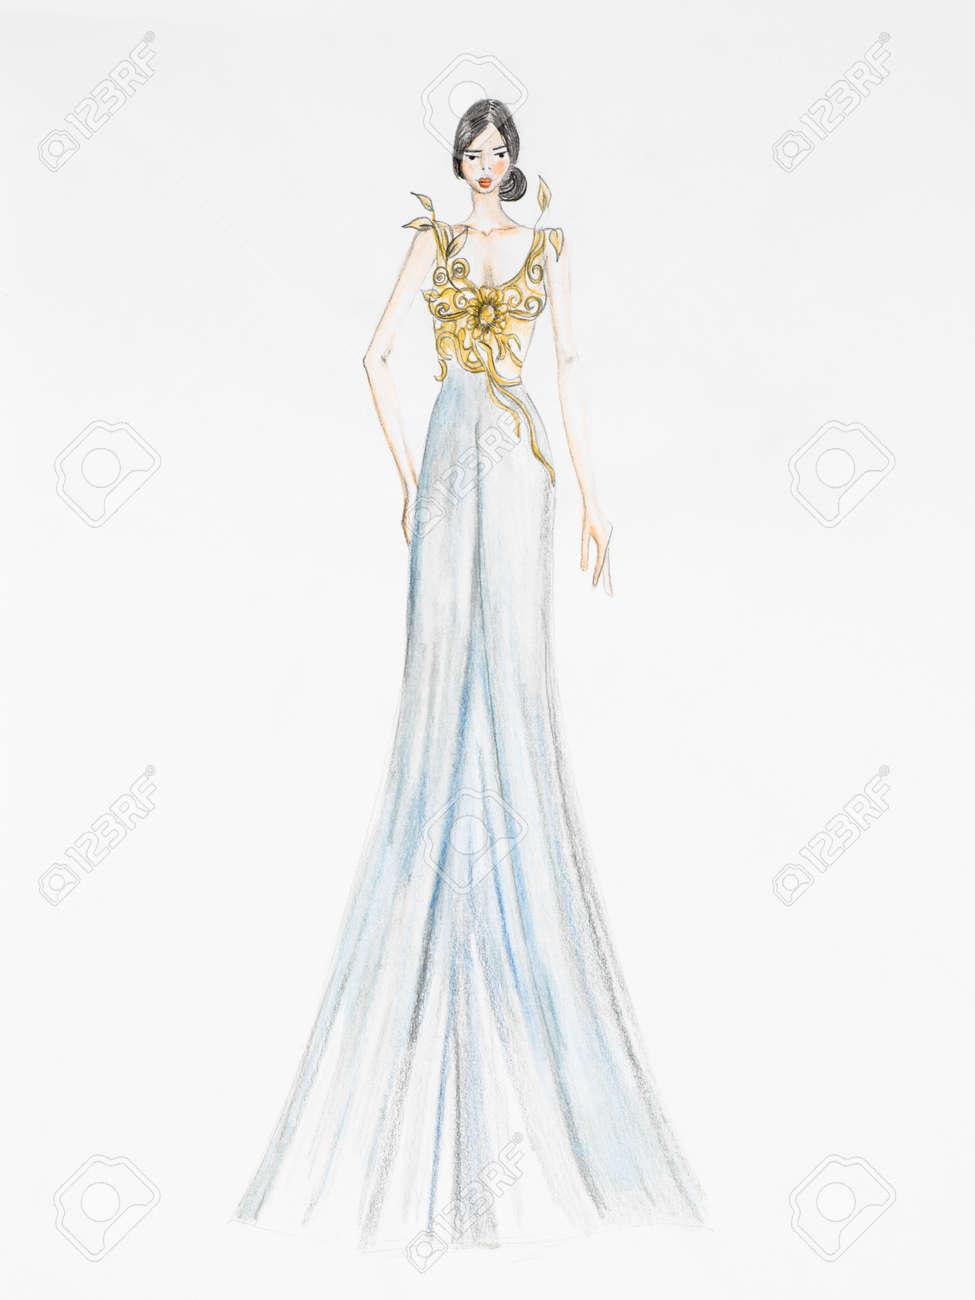 Dibujo De Diseño De Moda. Vestido De Noche De Lujo Fotos, Retratos ...